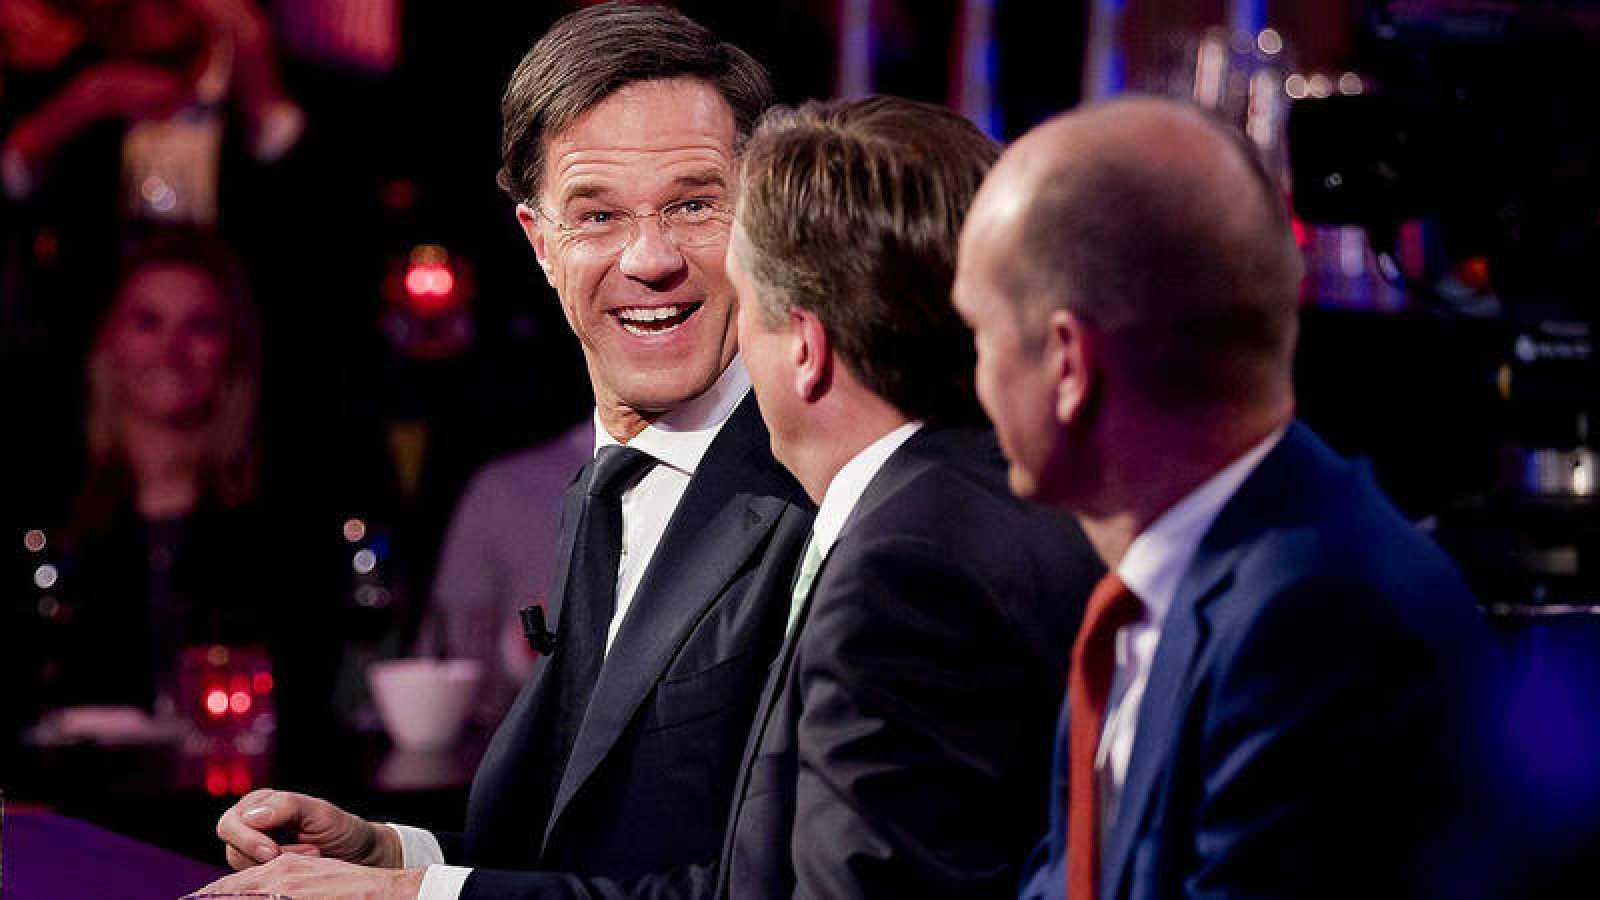 Desde la izquierda, Mark Rutte, Alexander Pechtold y Gert-Jan Segers participan en un programa televisivo por las elecciones en Holanda, el miércoles 15 de marzo de 2017, en La Haya (Holanda)